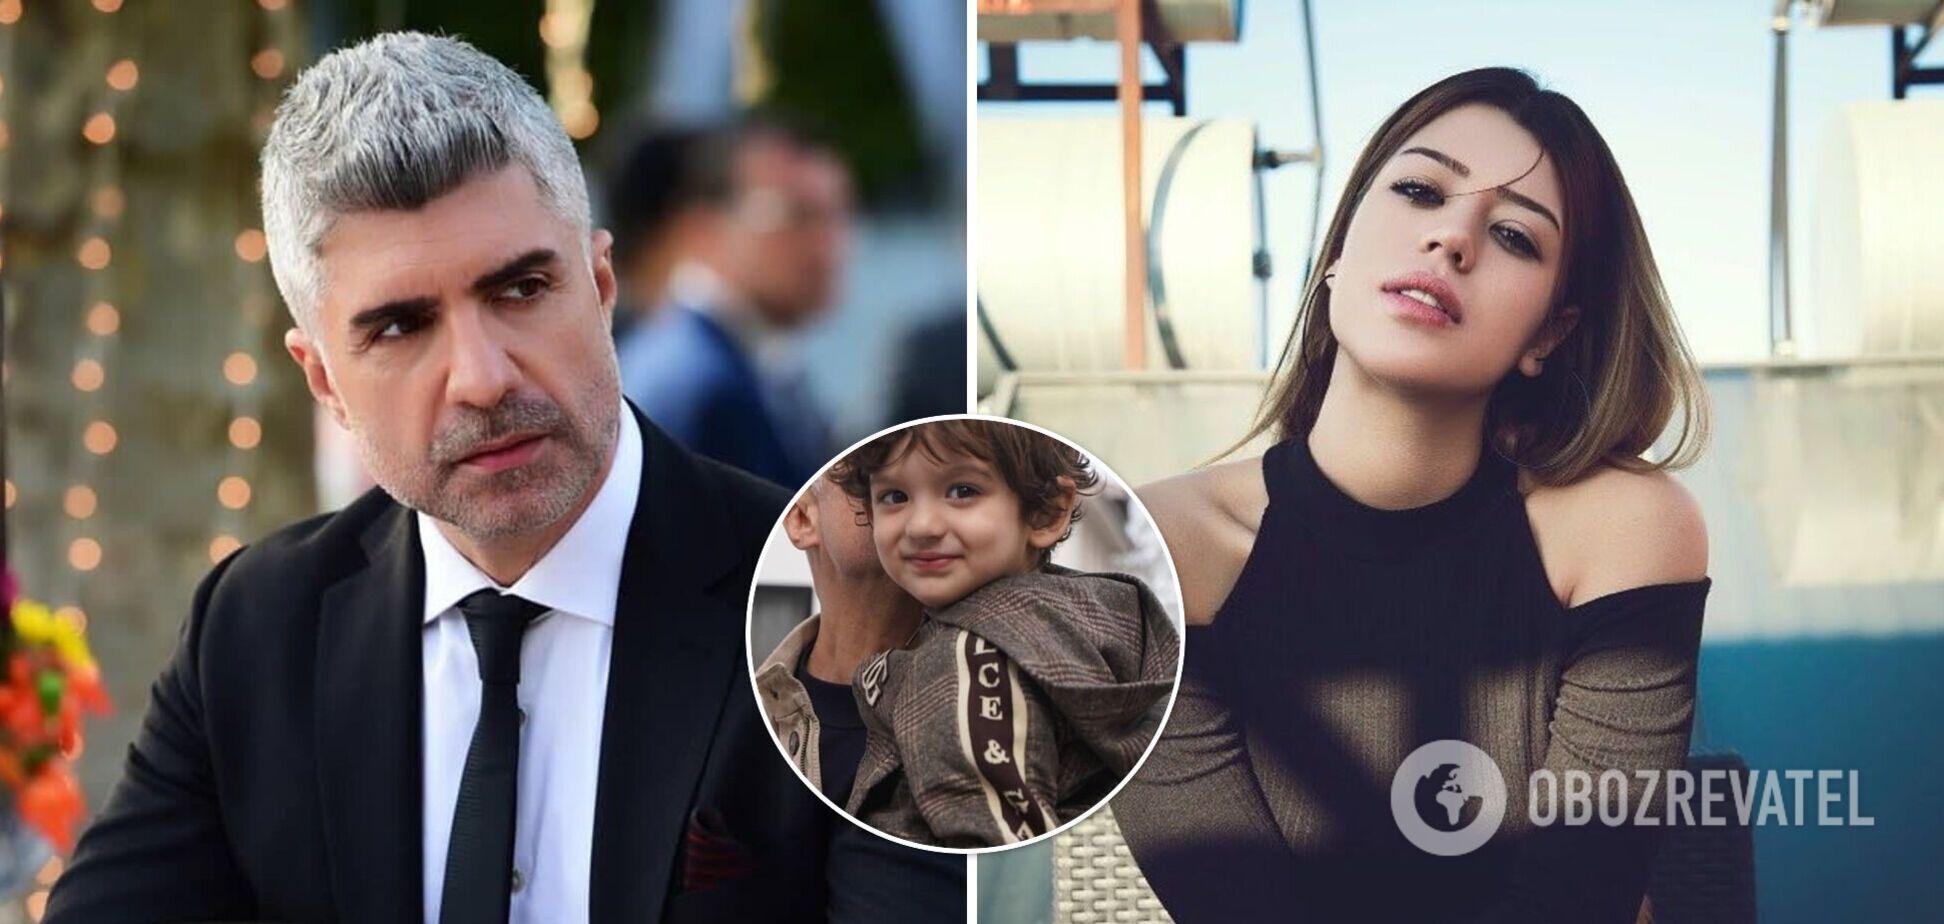 Звезду турецких сериалов побила экс-жена на глазах у 3-летнего сына